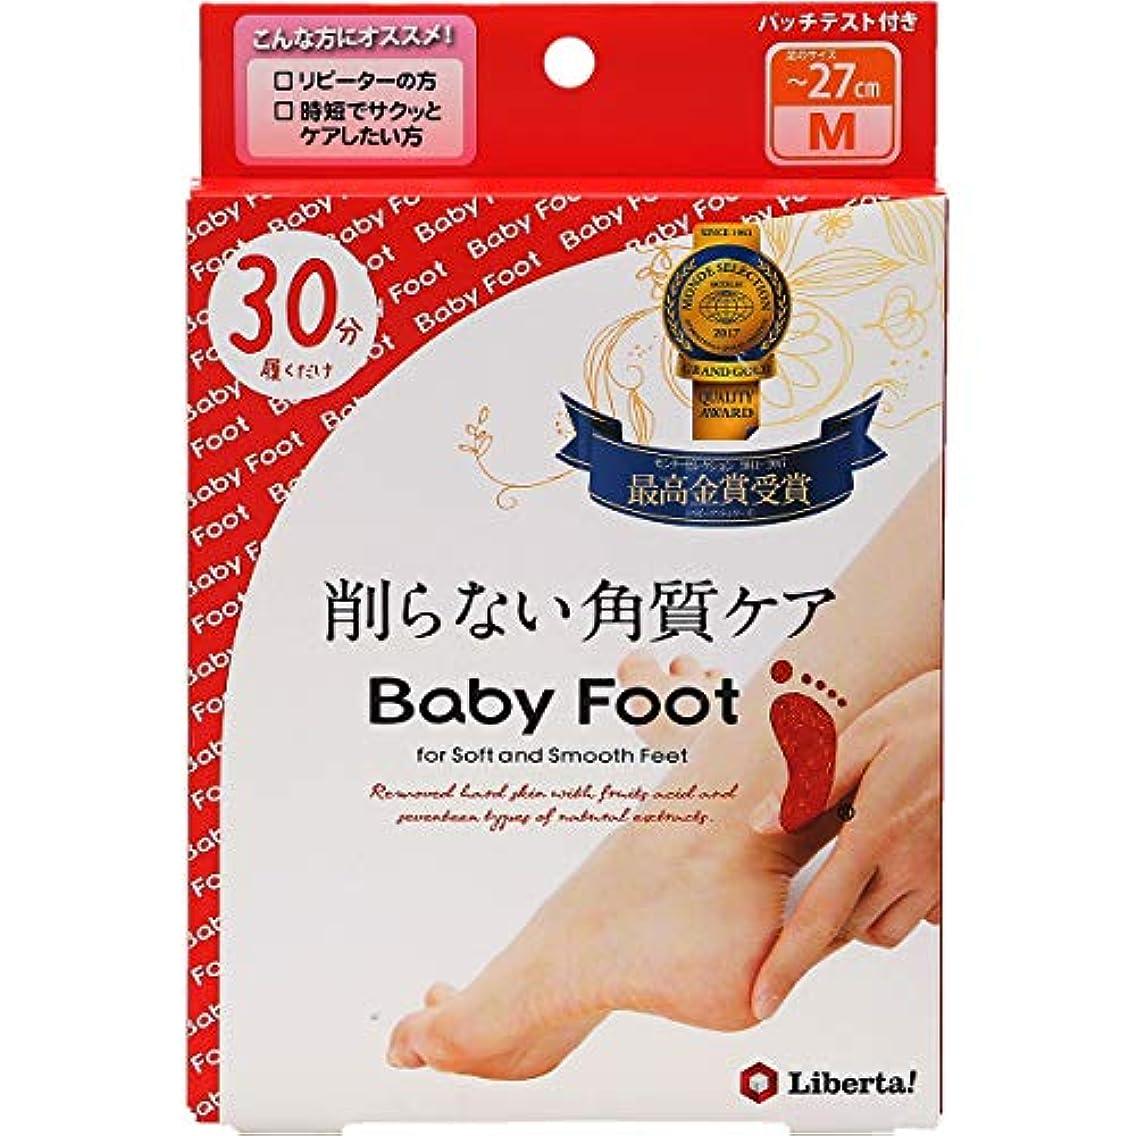 厄介なやりがいのある以内にベビーフット (Baby Foot) ベビーフット イージーパック30分タイプ Mサイズ 単品